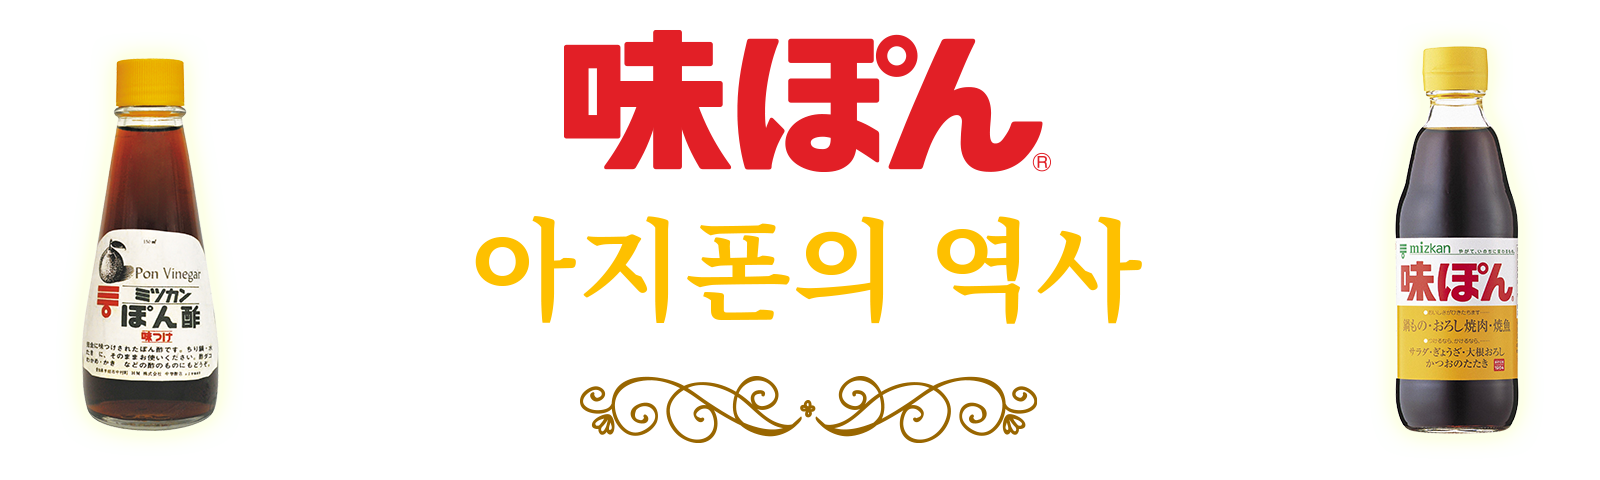 아지폰의 역사 - 50년 이상 일본의 고객에게 사랑받아온 비밀을 파헤쳐 봅시다.